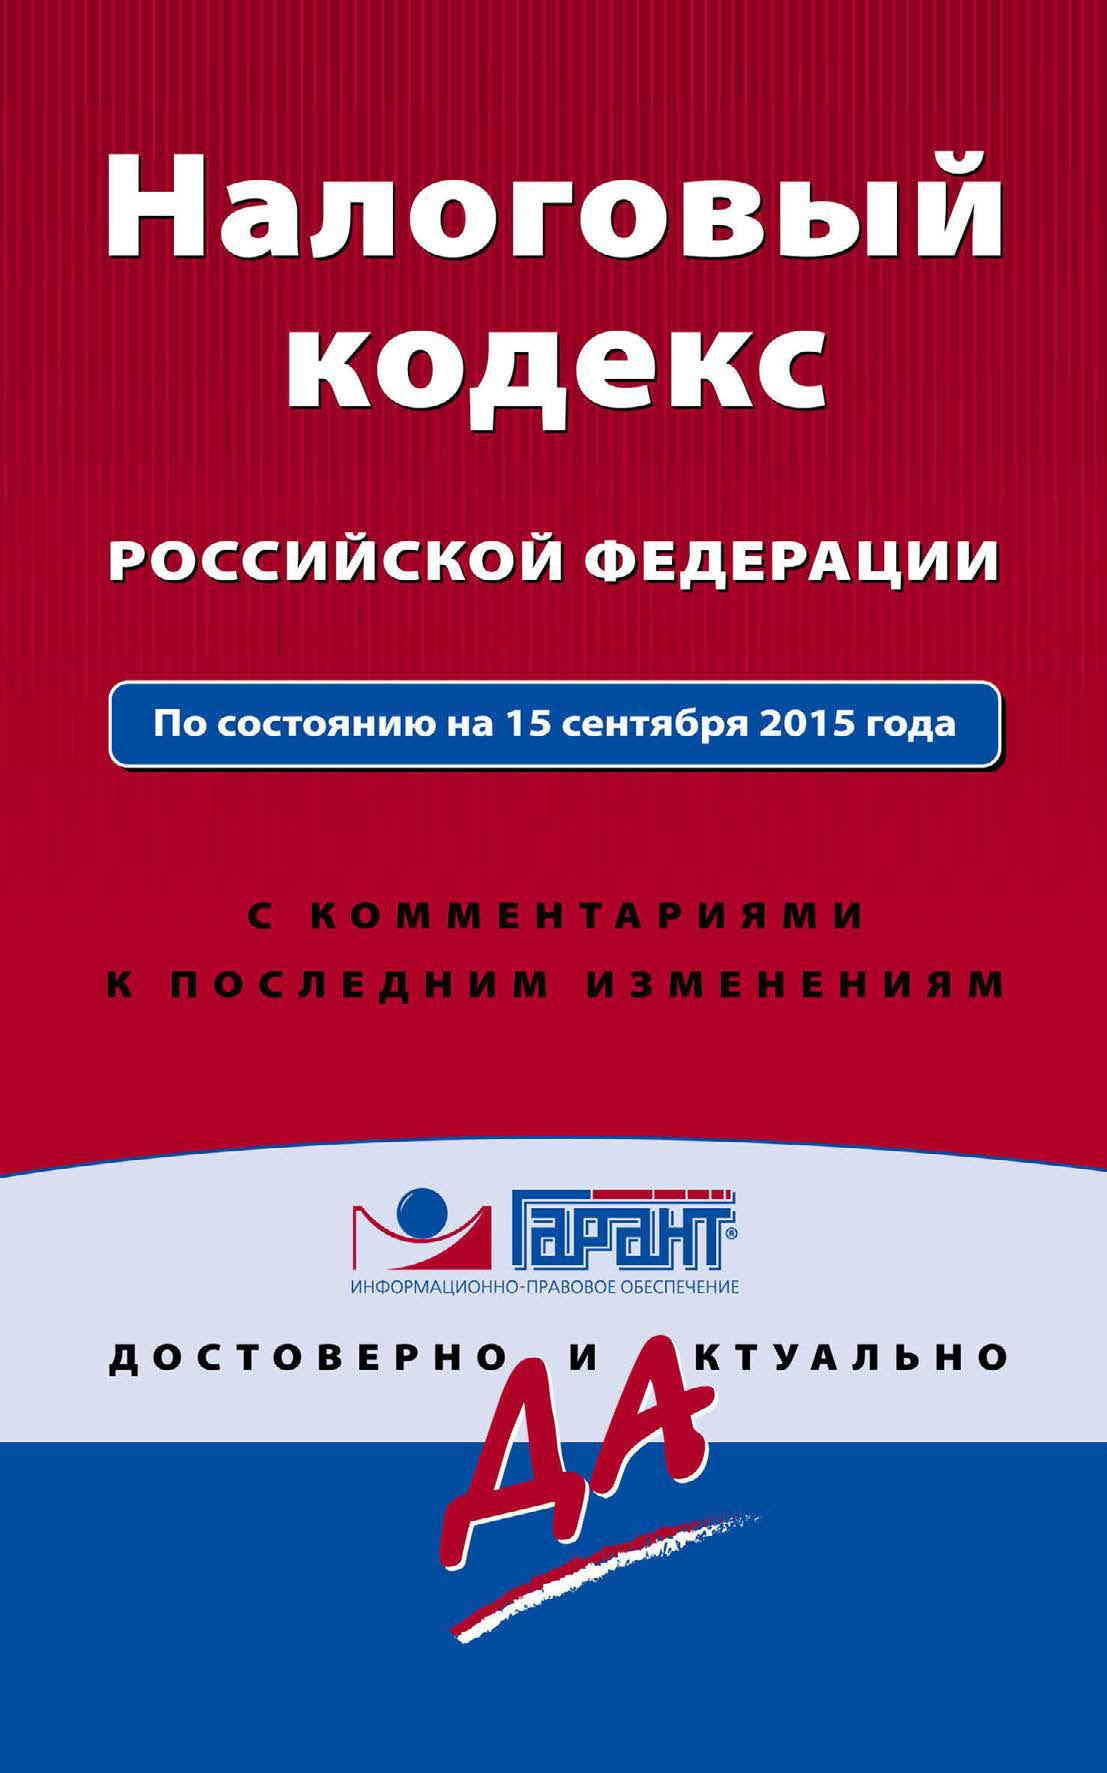 Налоговый кодекс Российской Федерации. По состоянию на 15 сентября 2015 года. С комментариями к последним изменениям